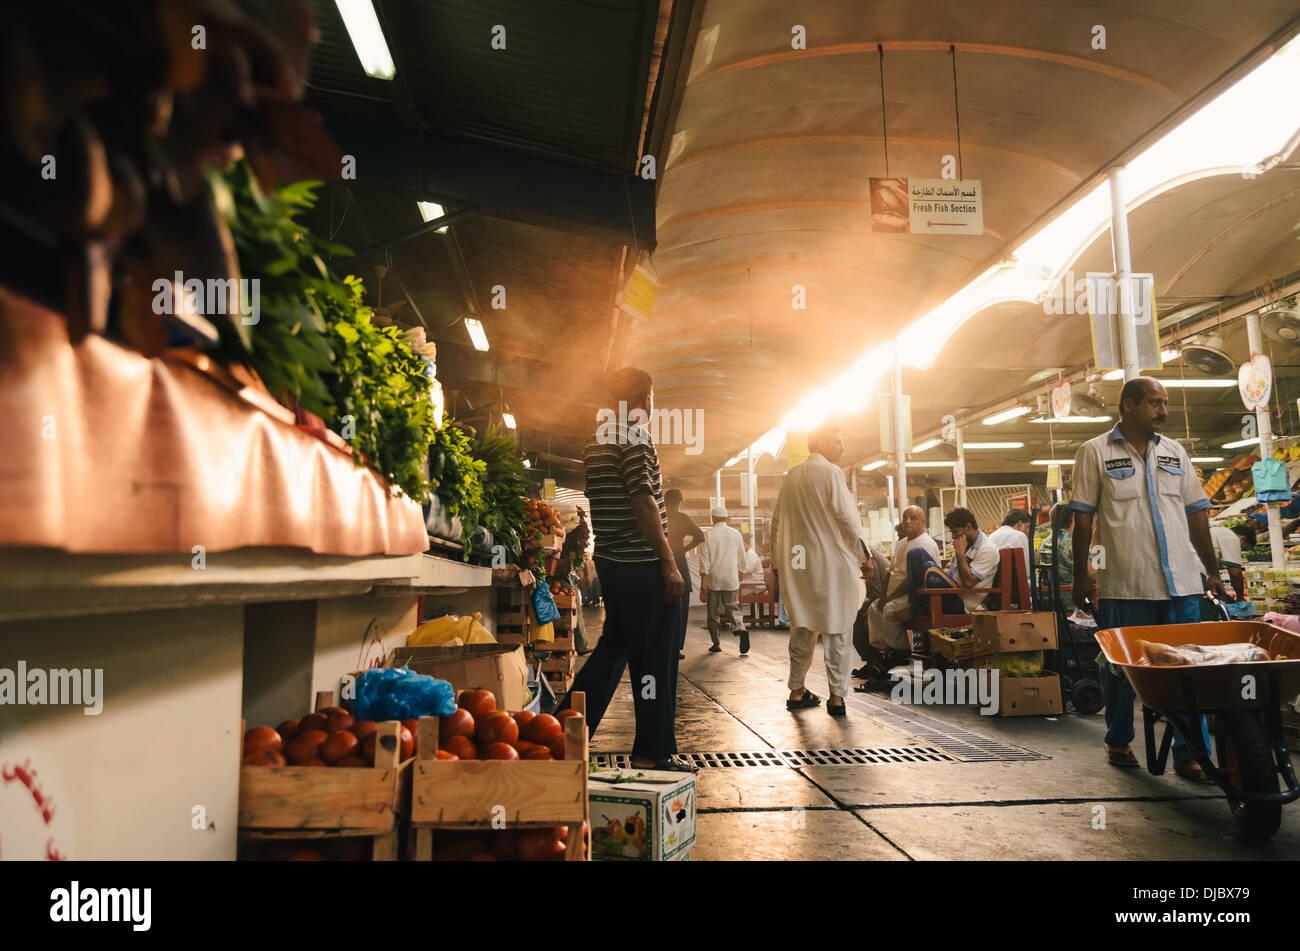 Arabische Männer zu Fuß entlang der Korridore in Deiras Obst- und Gemüsemarkt bei Sonnenaufgang. Dubai, Vereinigte Arabische Emirate. Stockbild